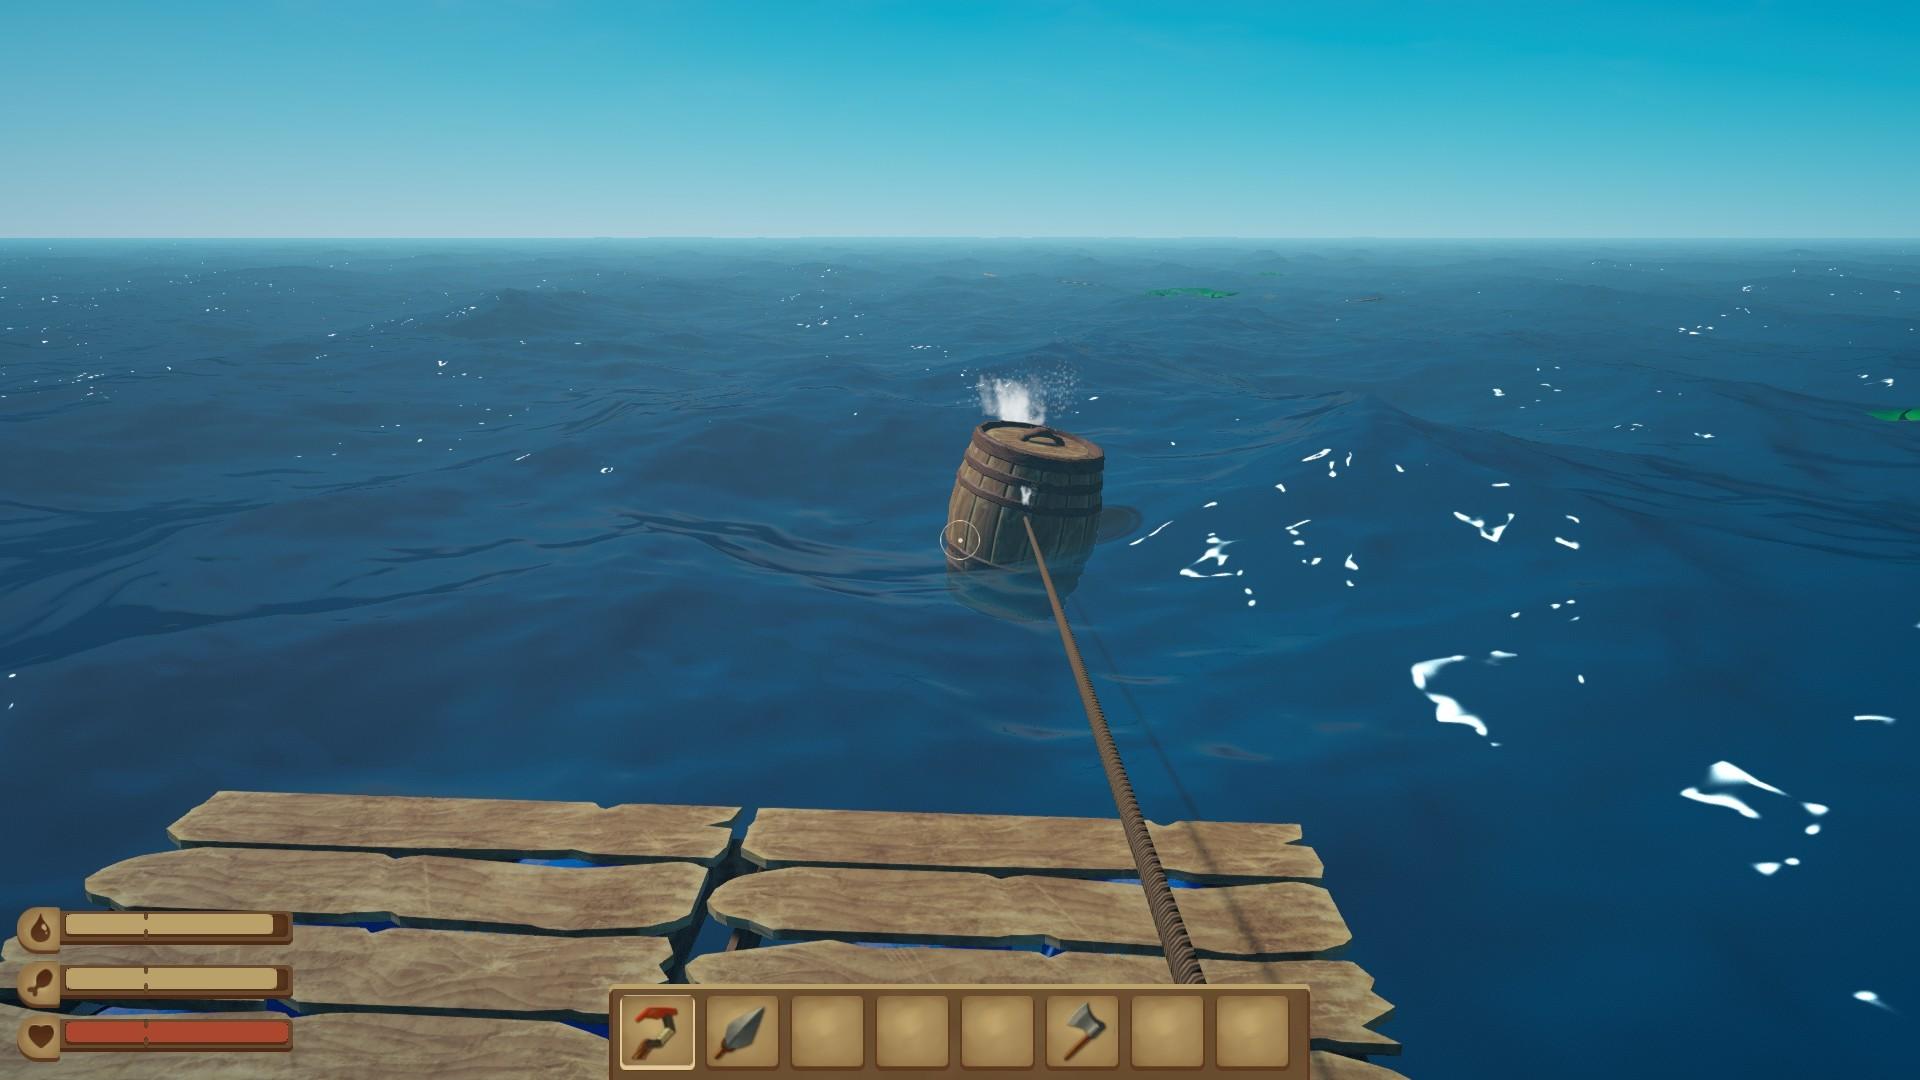 木筏求生的弓箭怎么用